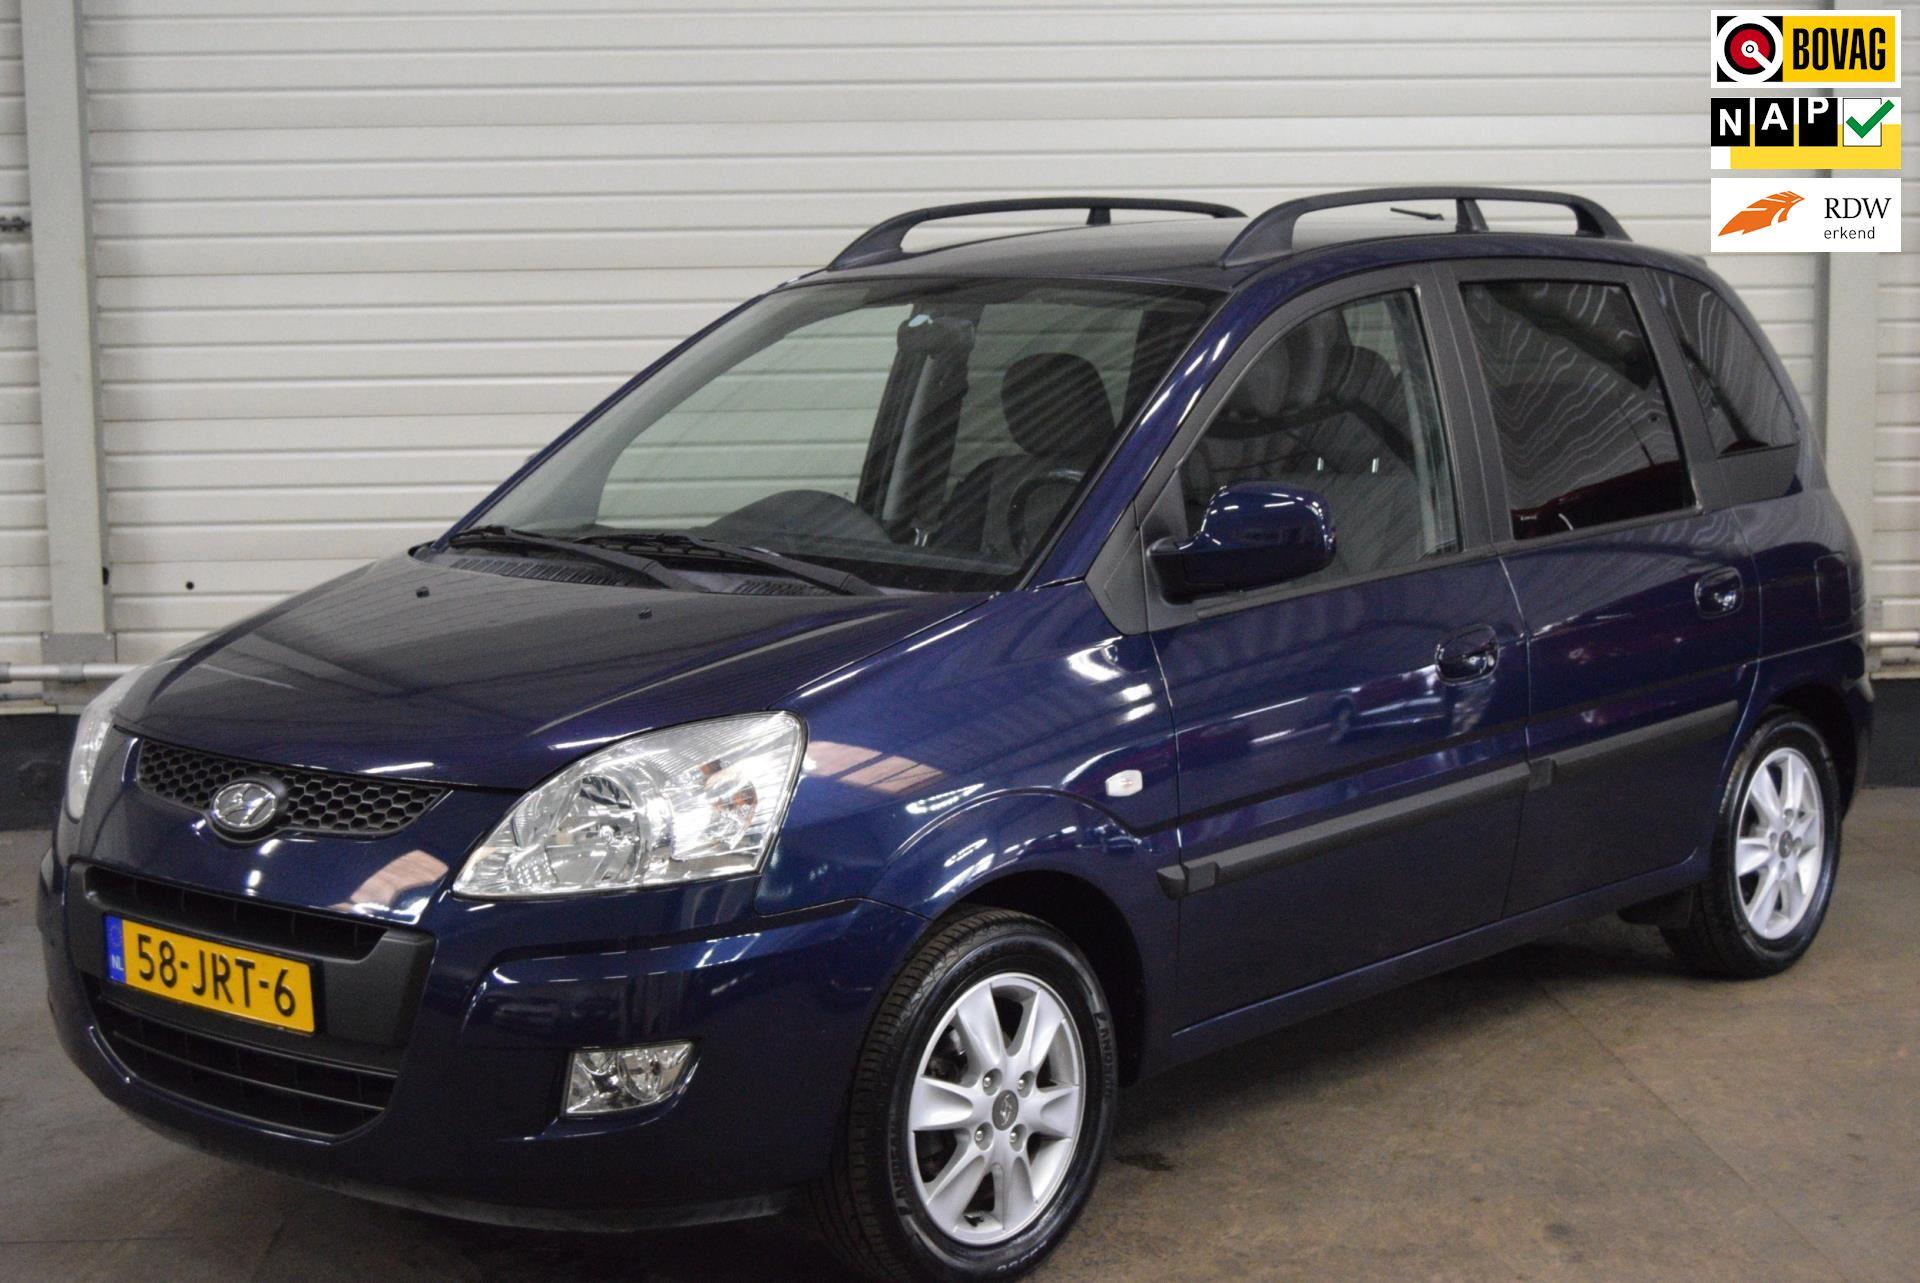 Hyundai Matrix occasion - Autobedrijf van de Werken bv